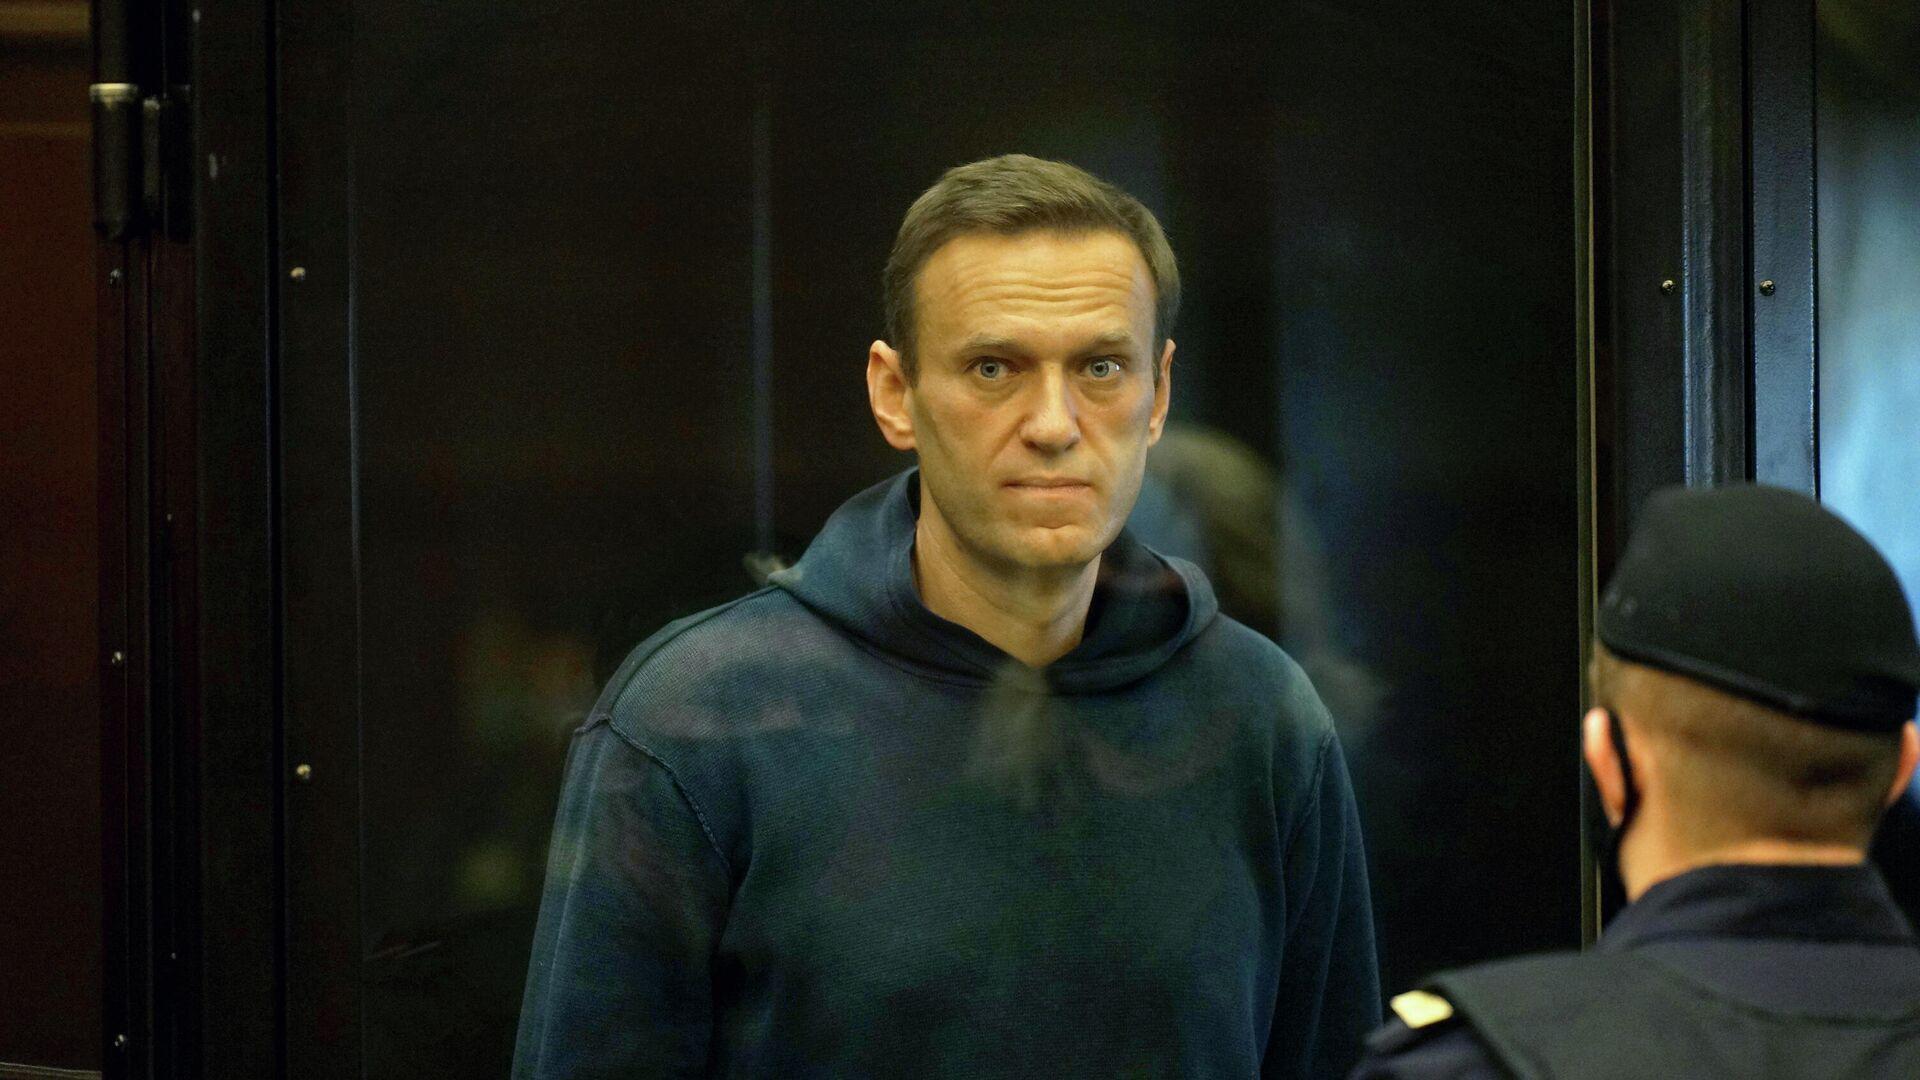 МИД: Германия использует Навального для вмешательства в дела России